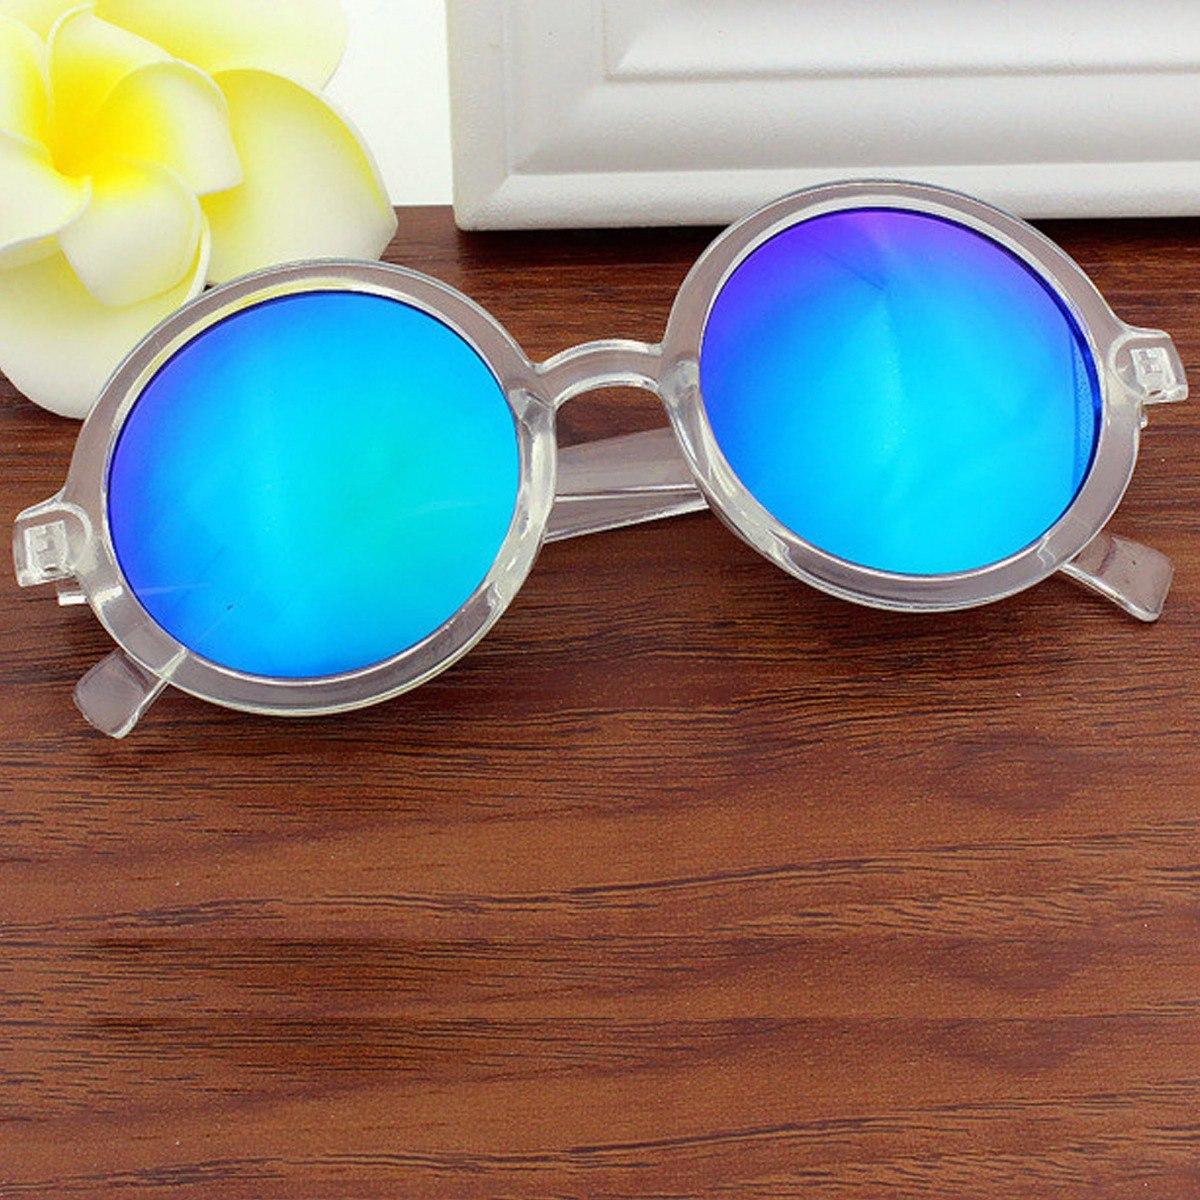 69fed0725645a óculos de sol feminino espelhado retrô clássico promoção. Carregando zoom.